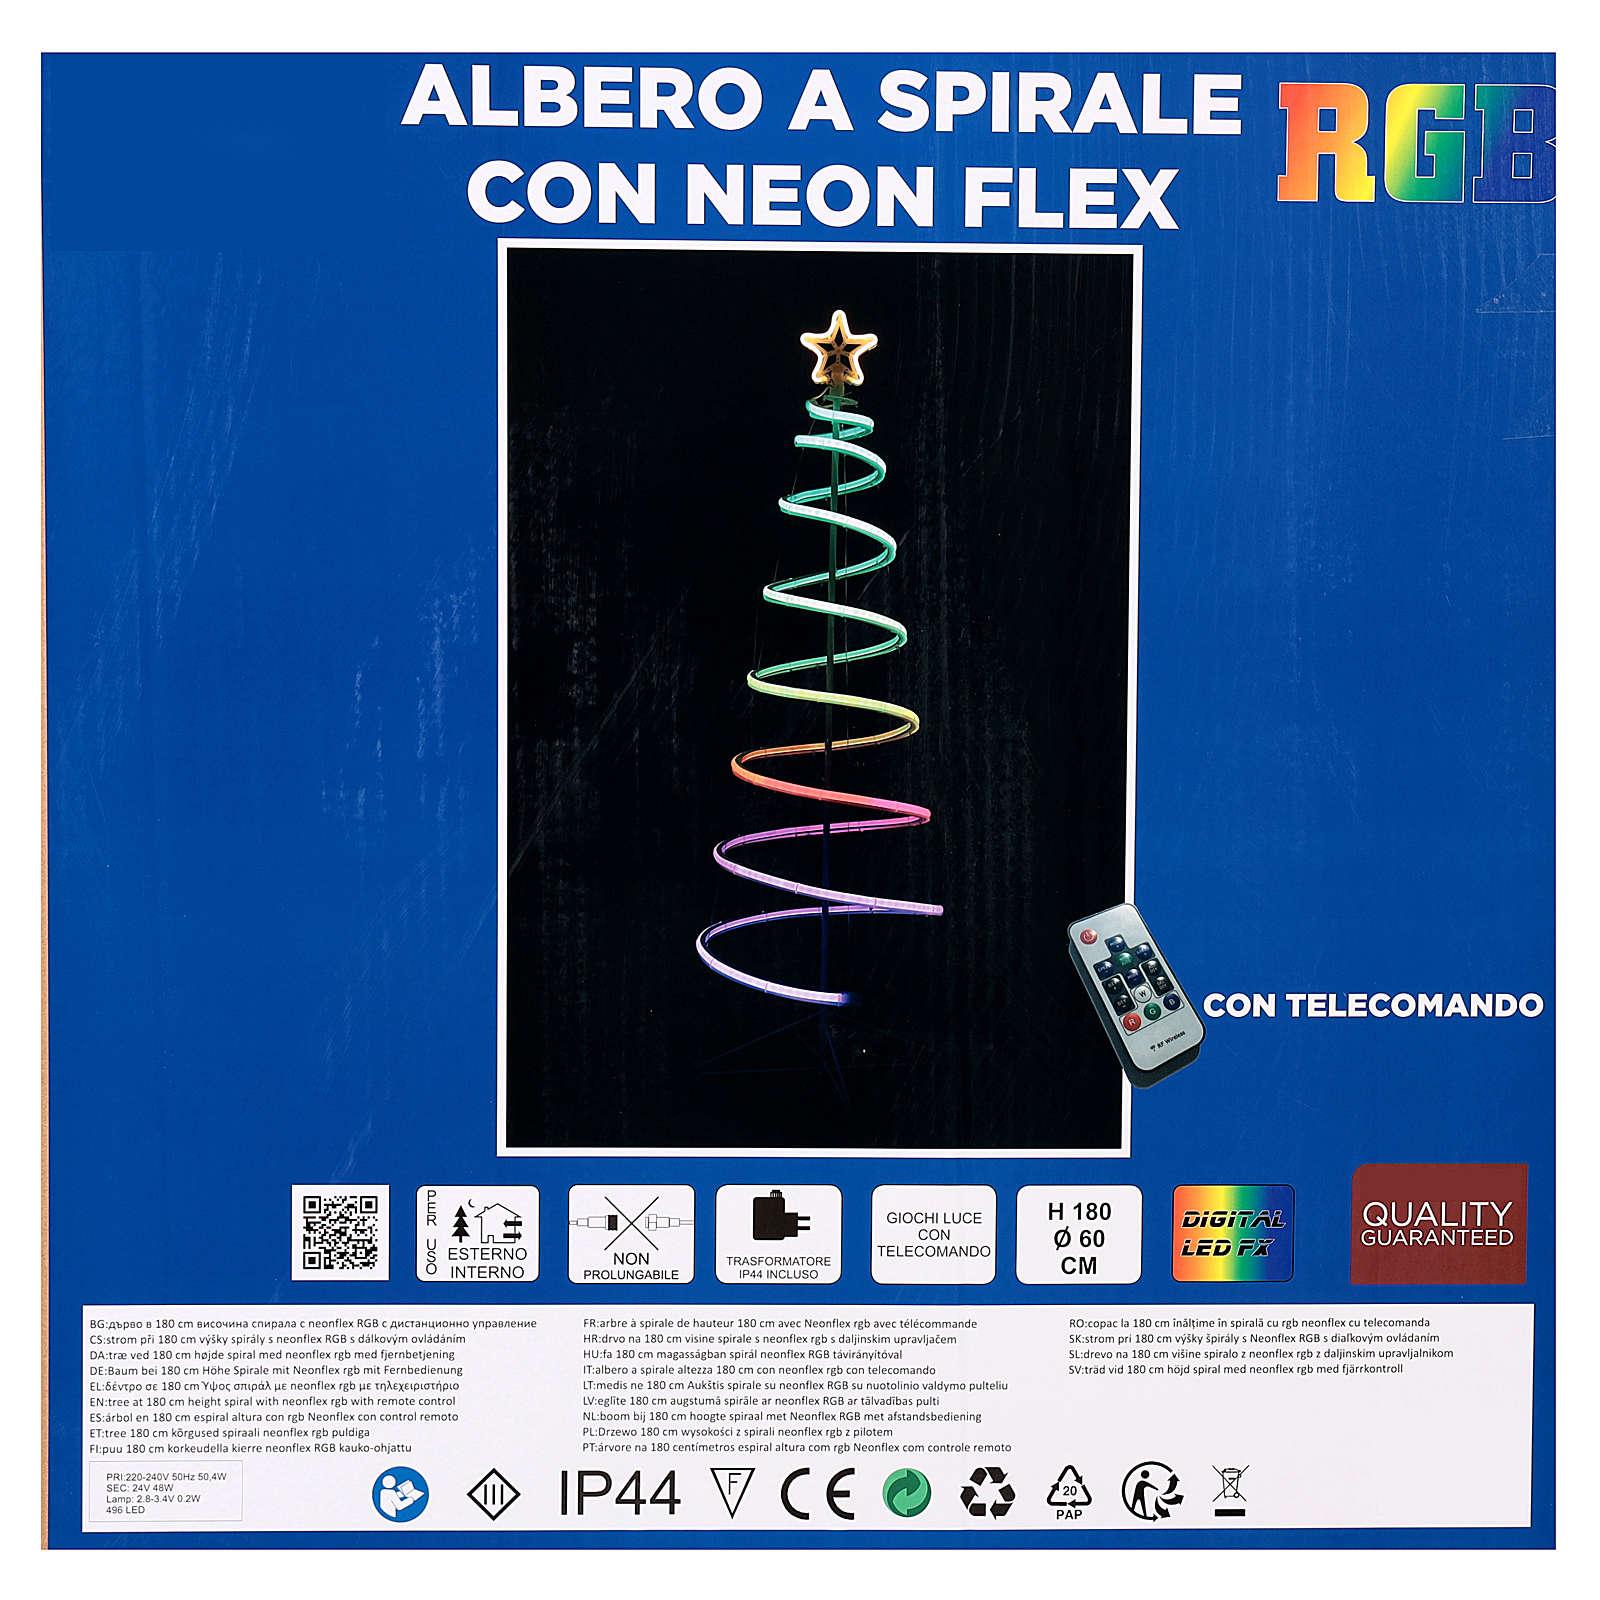 Árbol espiral 496 LED RGB multicolor corriente pilas 3